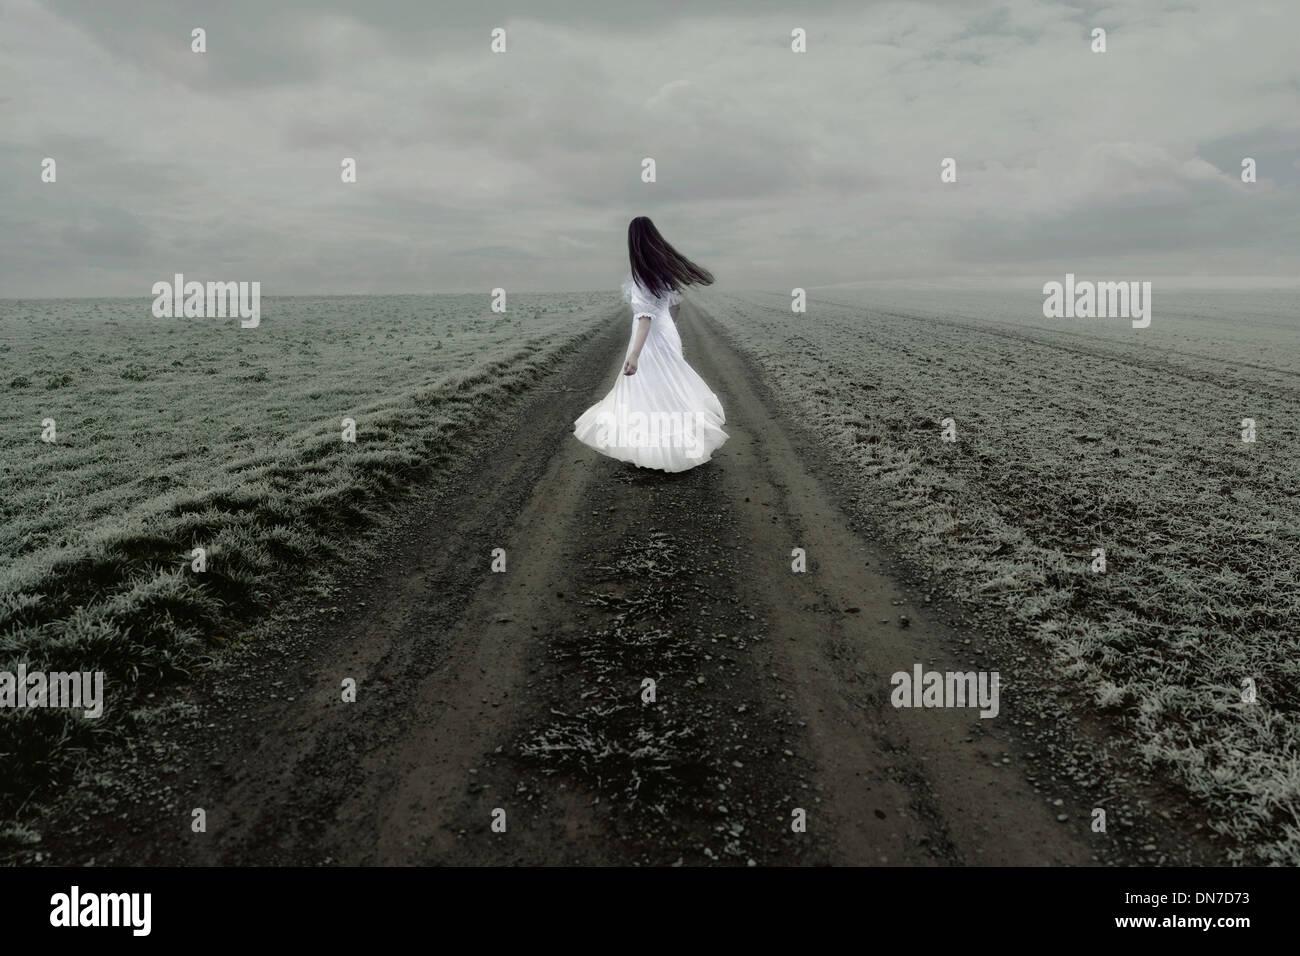 Frau in weißem Kleid steht allein auf einem Feldweg Stockbild